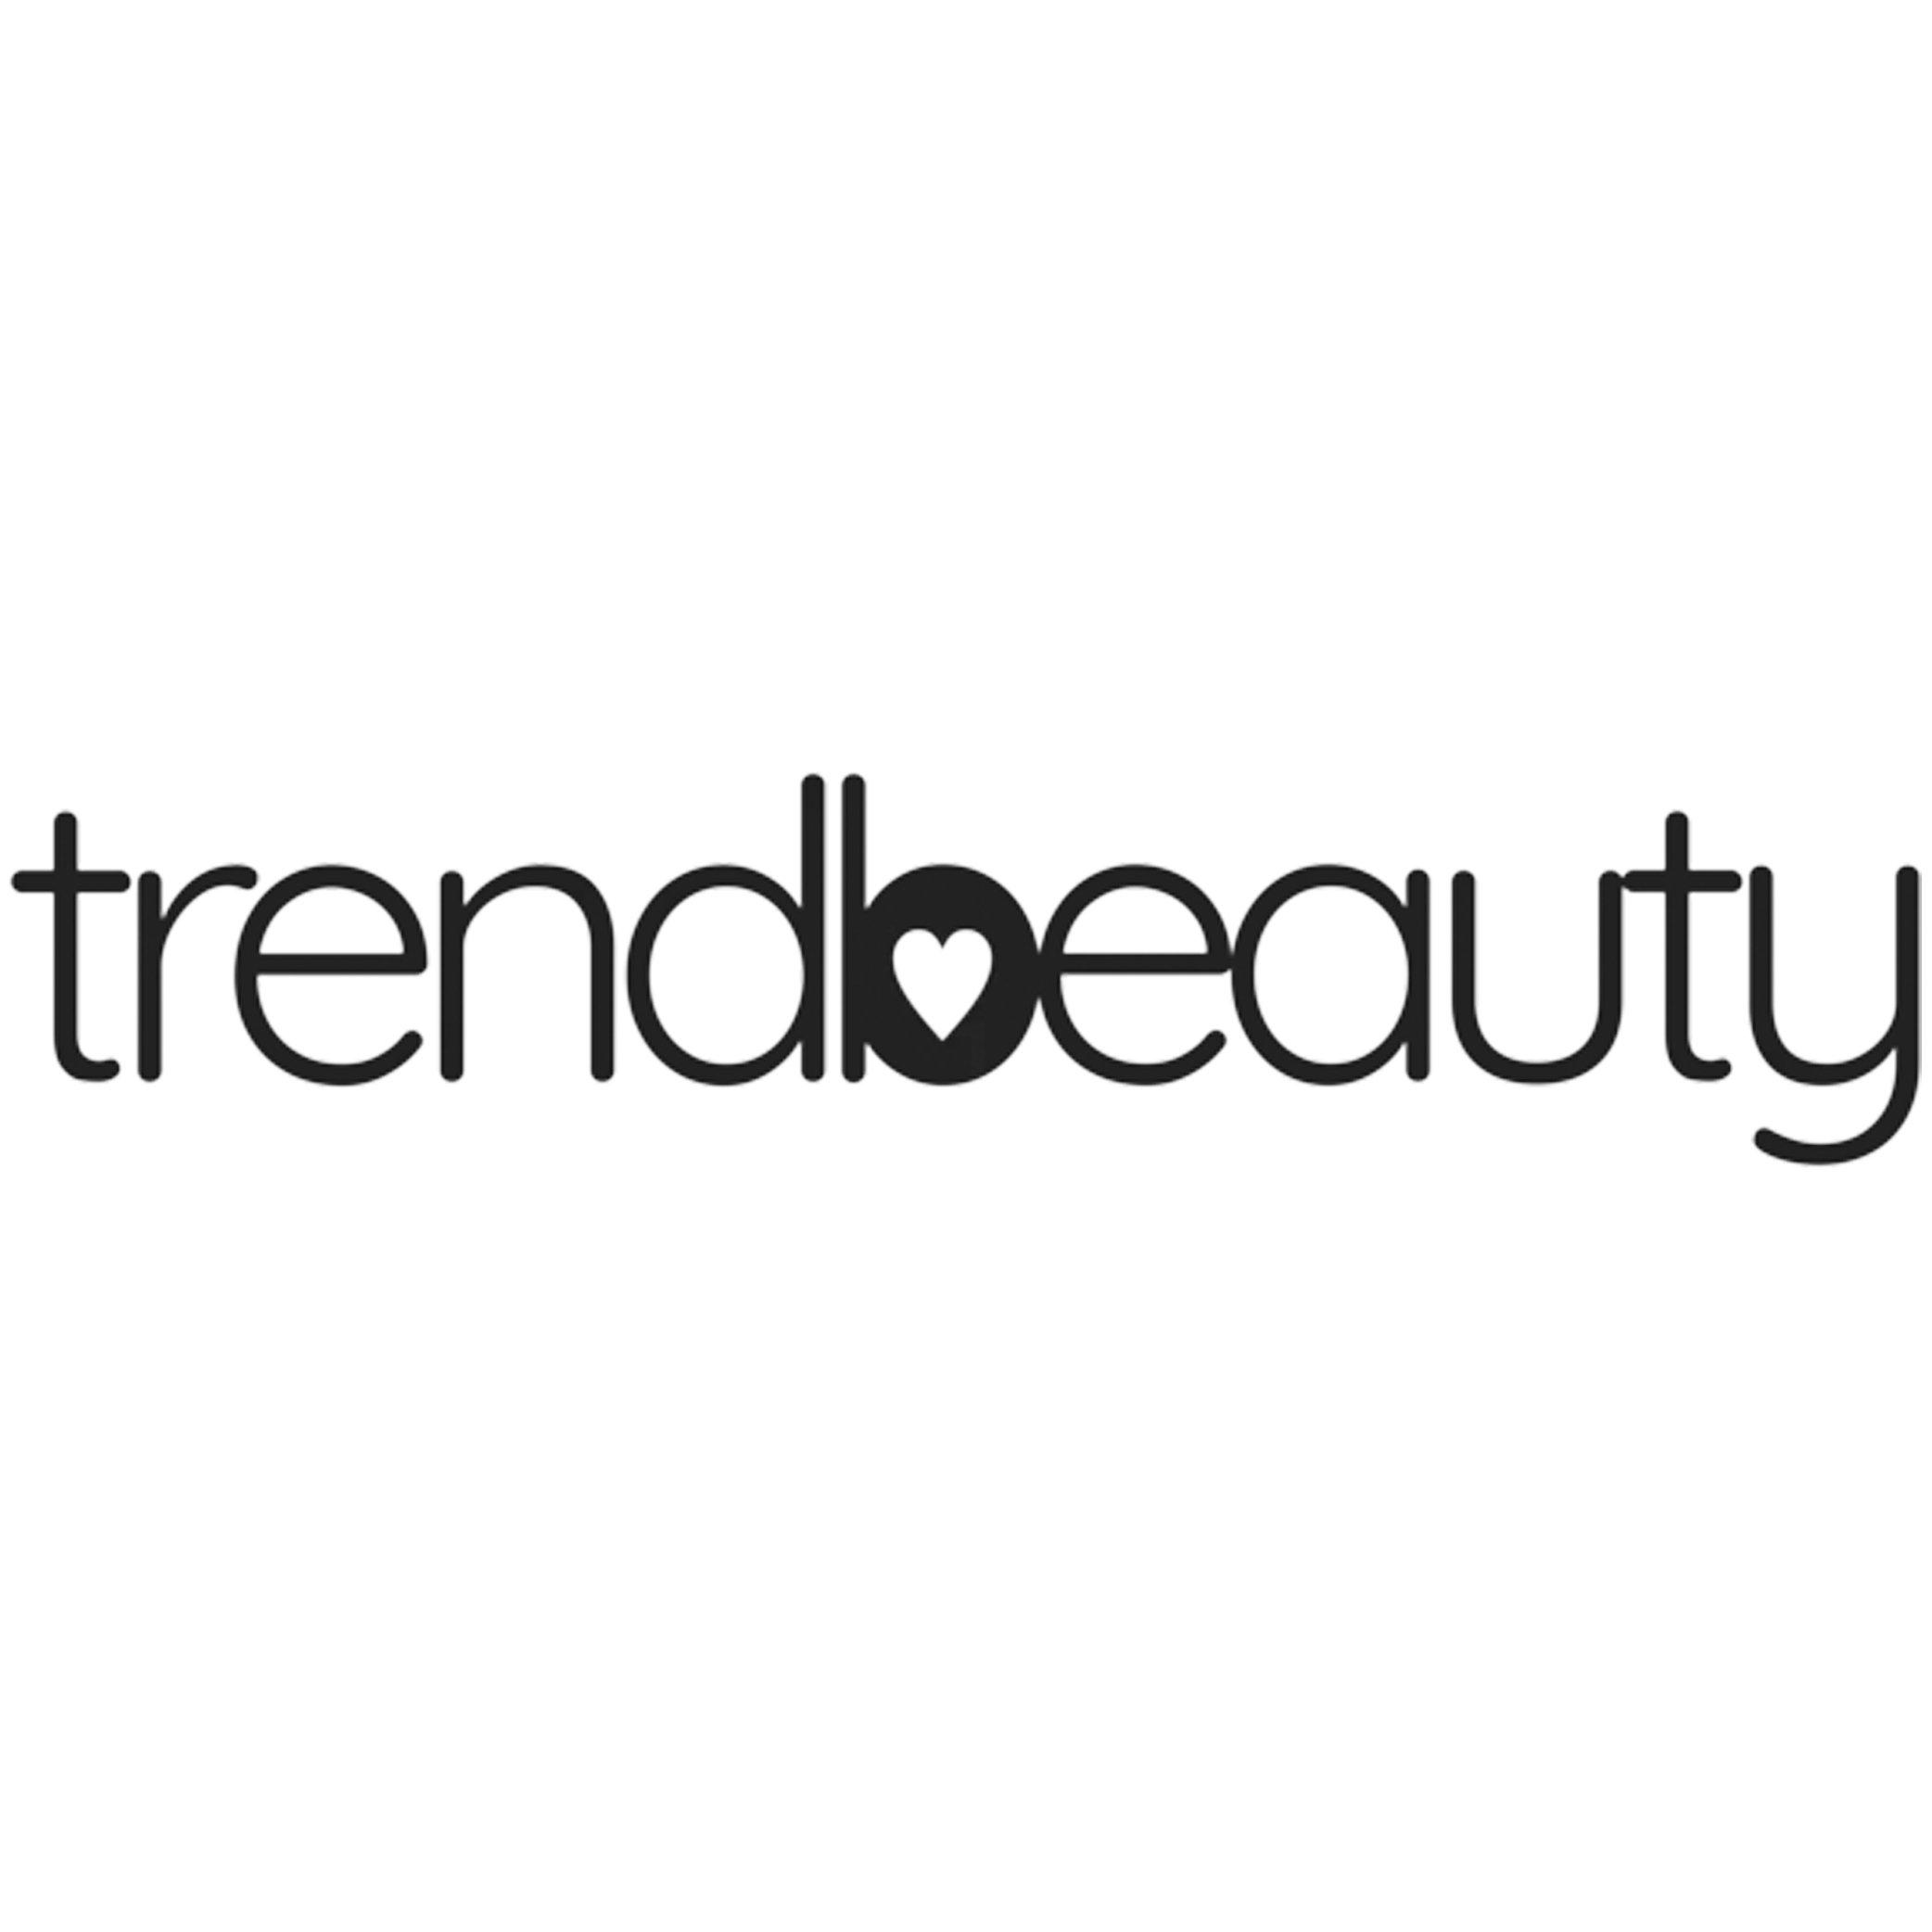 Trend Beauty's logo